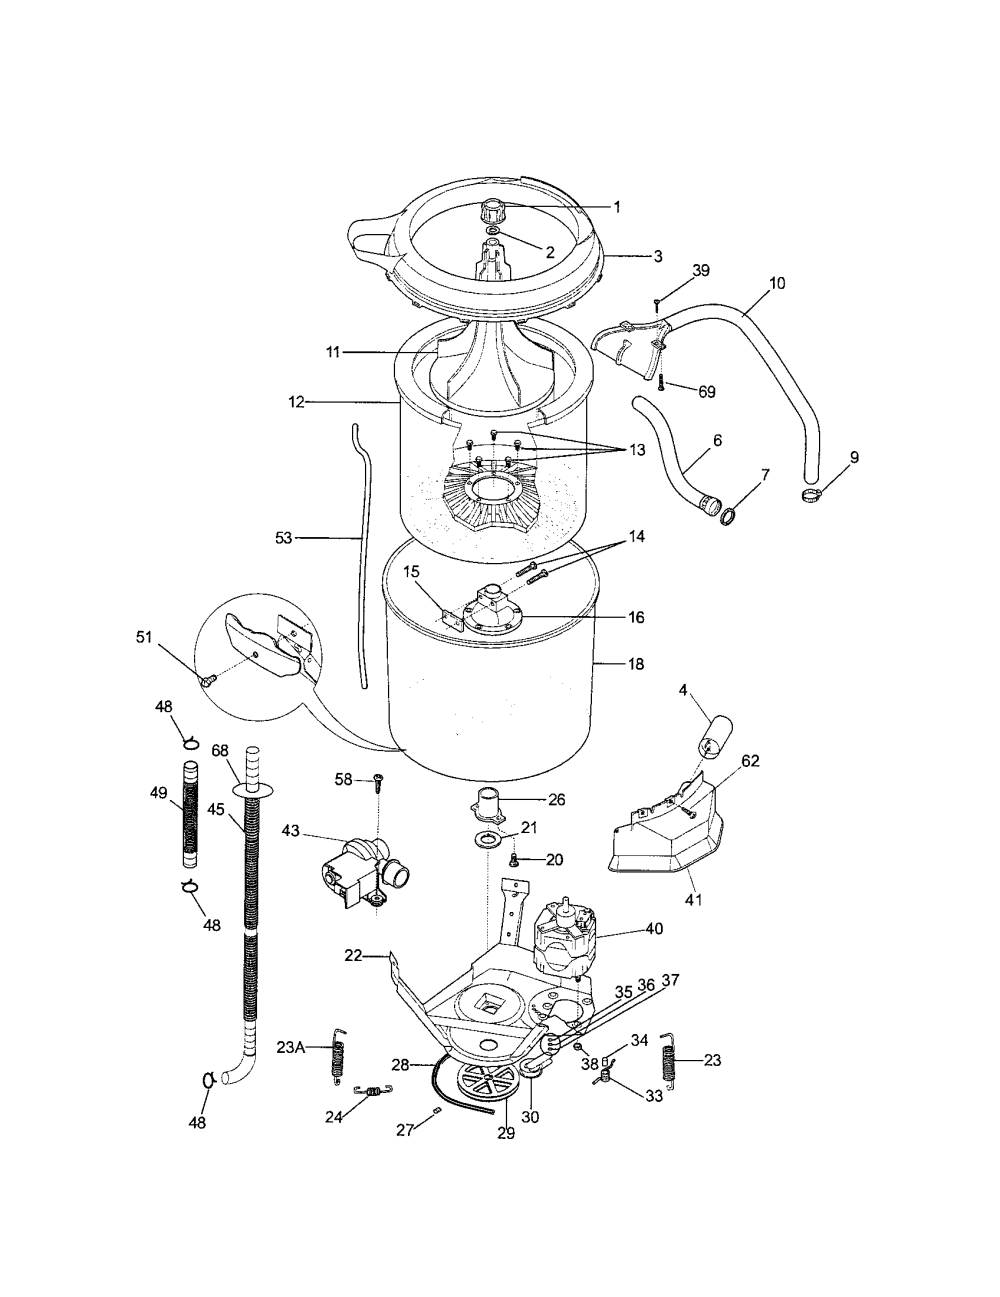 medium resolution of kenmore 80 series washing machine wiring diagram free download